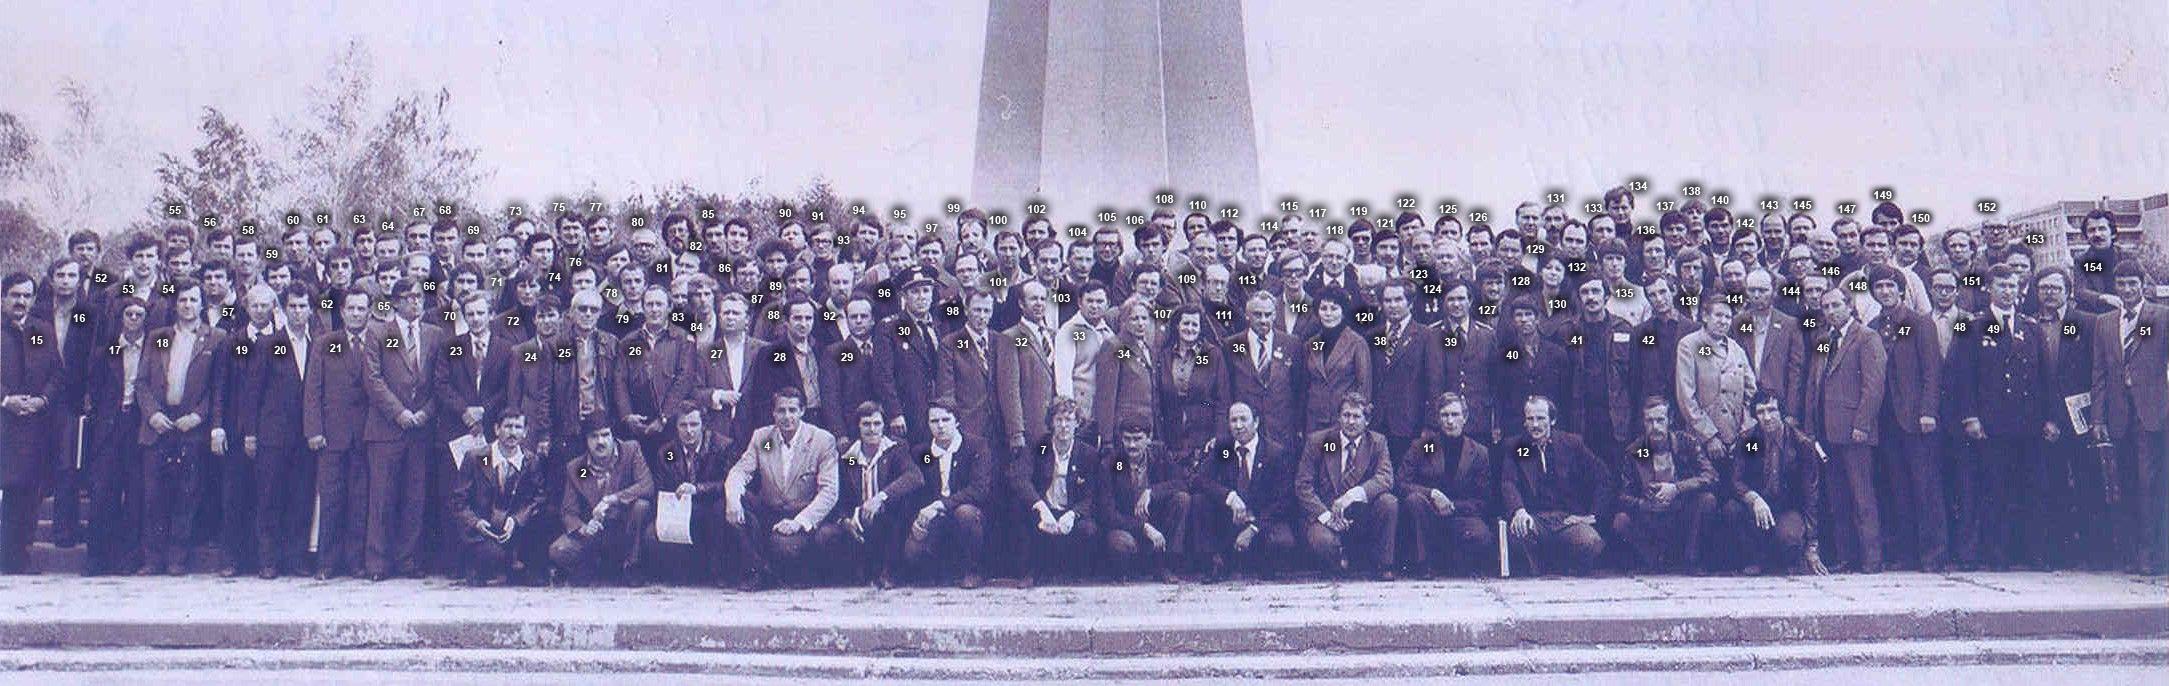 Нажмите на изображение для увеличения.  Название:Pavlodar-1982-1-numbered.jpg Просмотров:292 Размер:644.0 Кб ID:113061